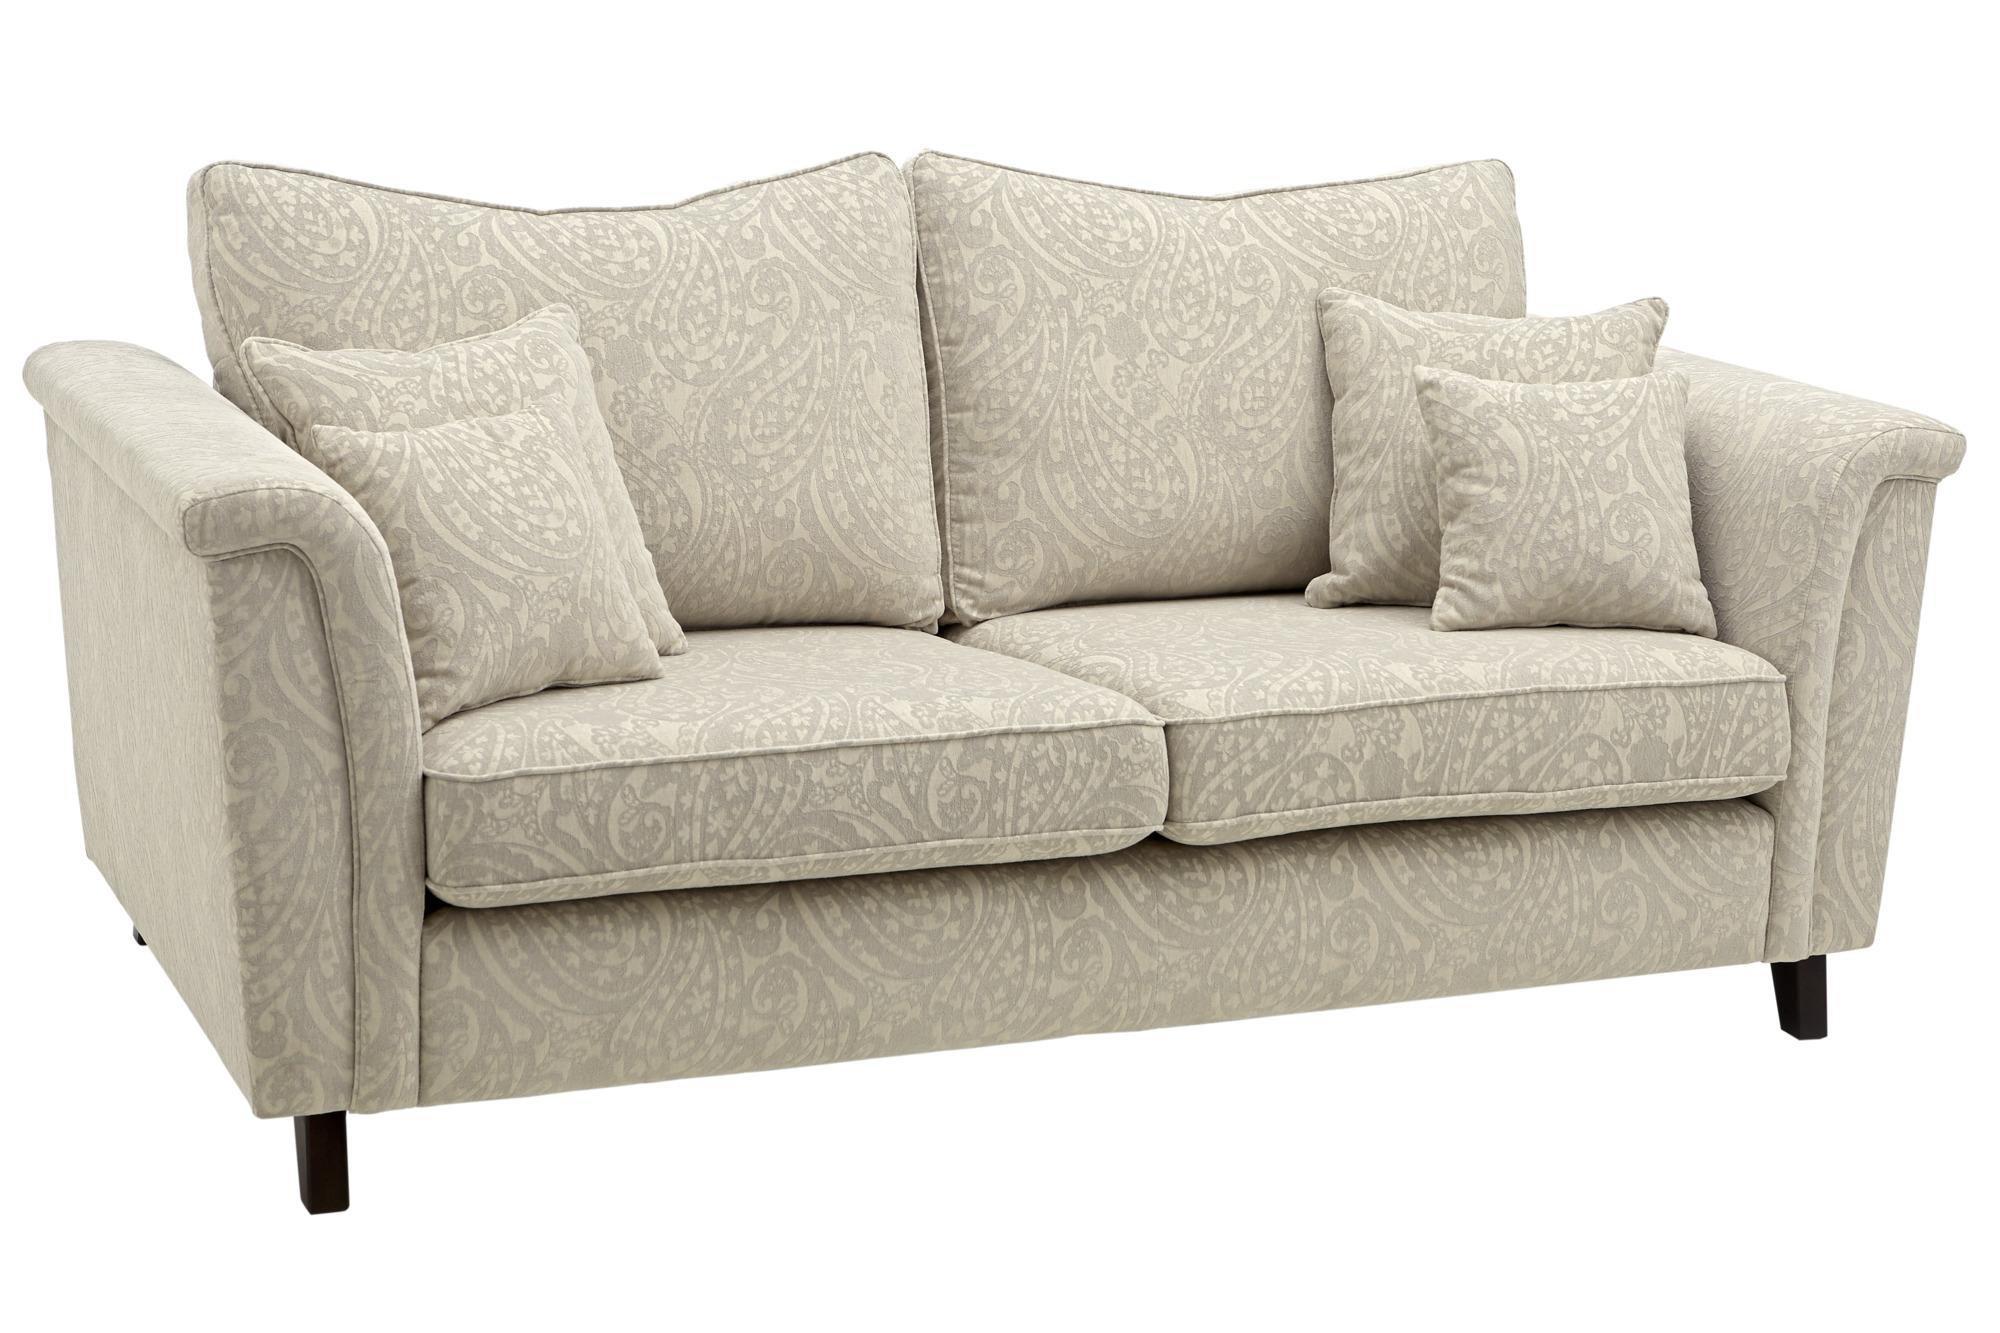 Full Size of Sofa Bezug Heine Home Hoch Tiefstruktur Auf Rechnung Bestellen überwurf Schlaffunktion Sitzsack Wildleder Lila Schlafsofa Liegefläche 160x200 Schlaf Cognac Sofa Sofa Bezug